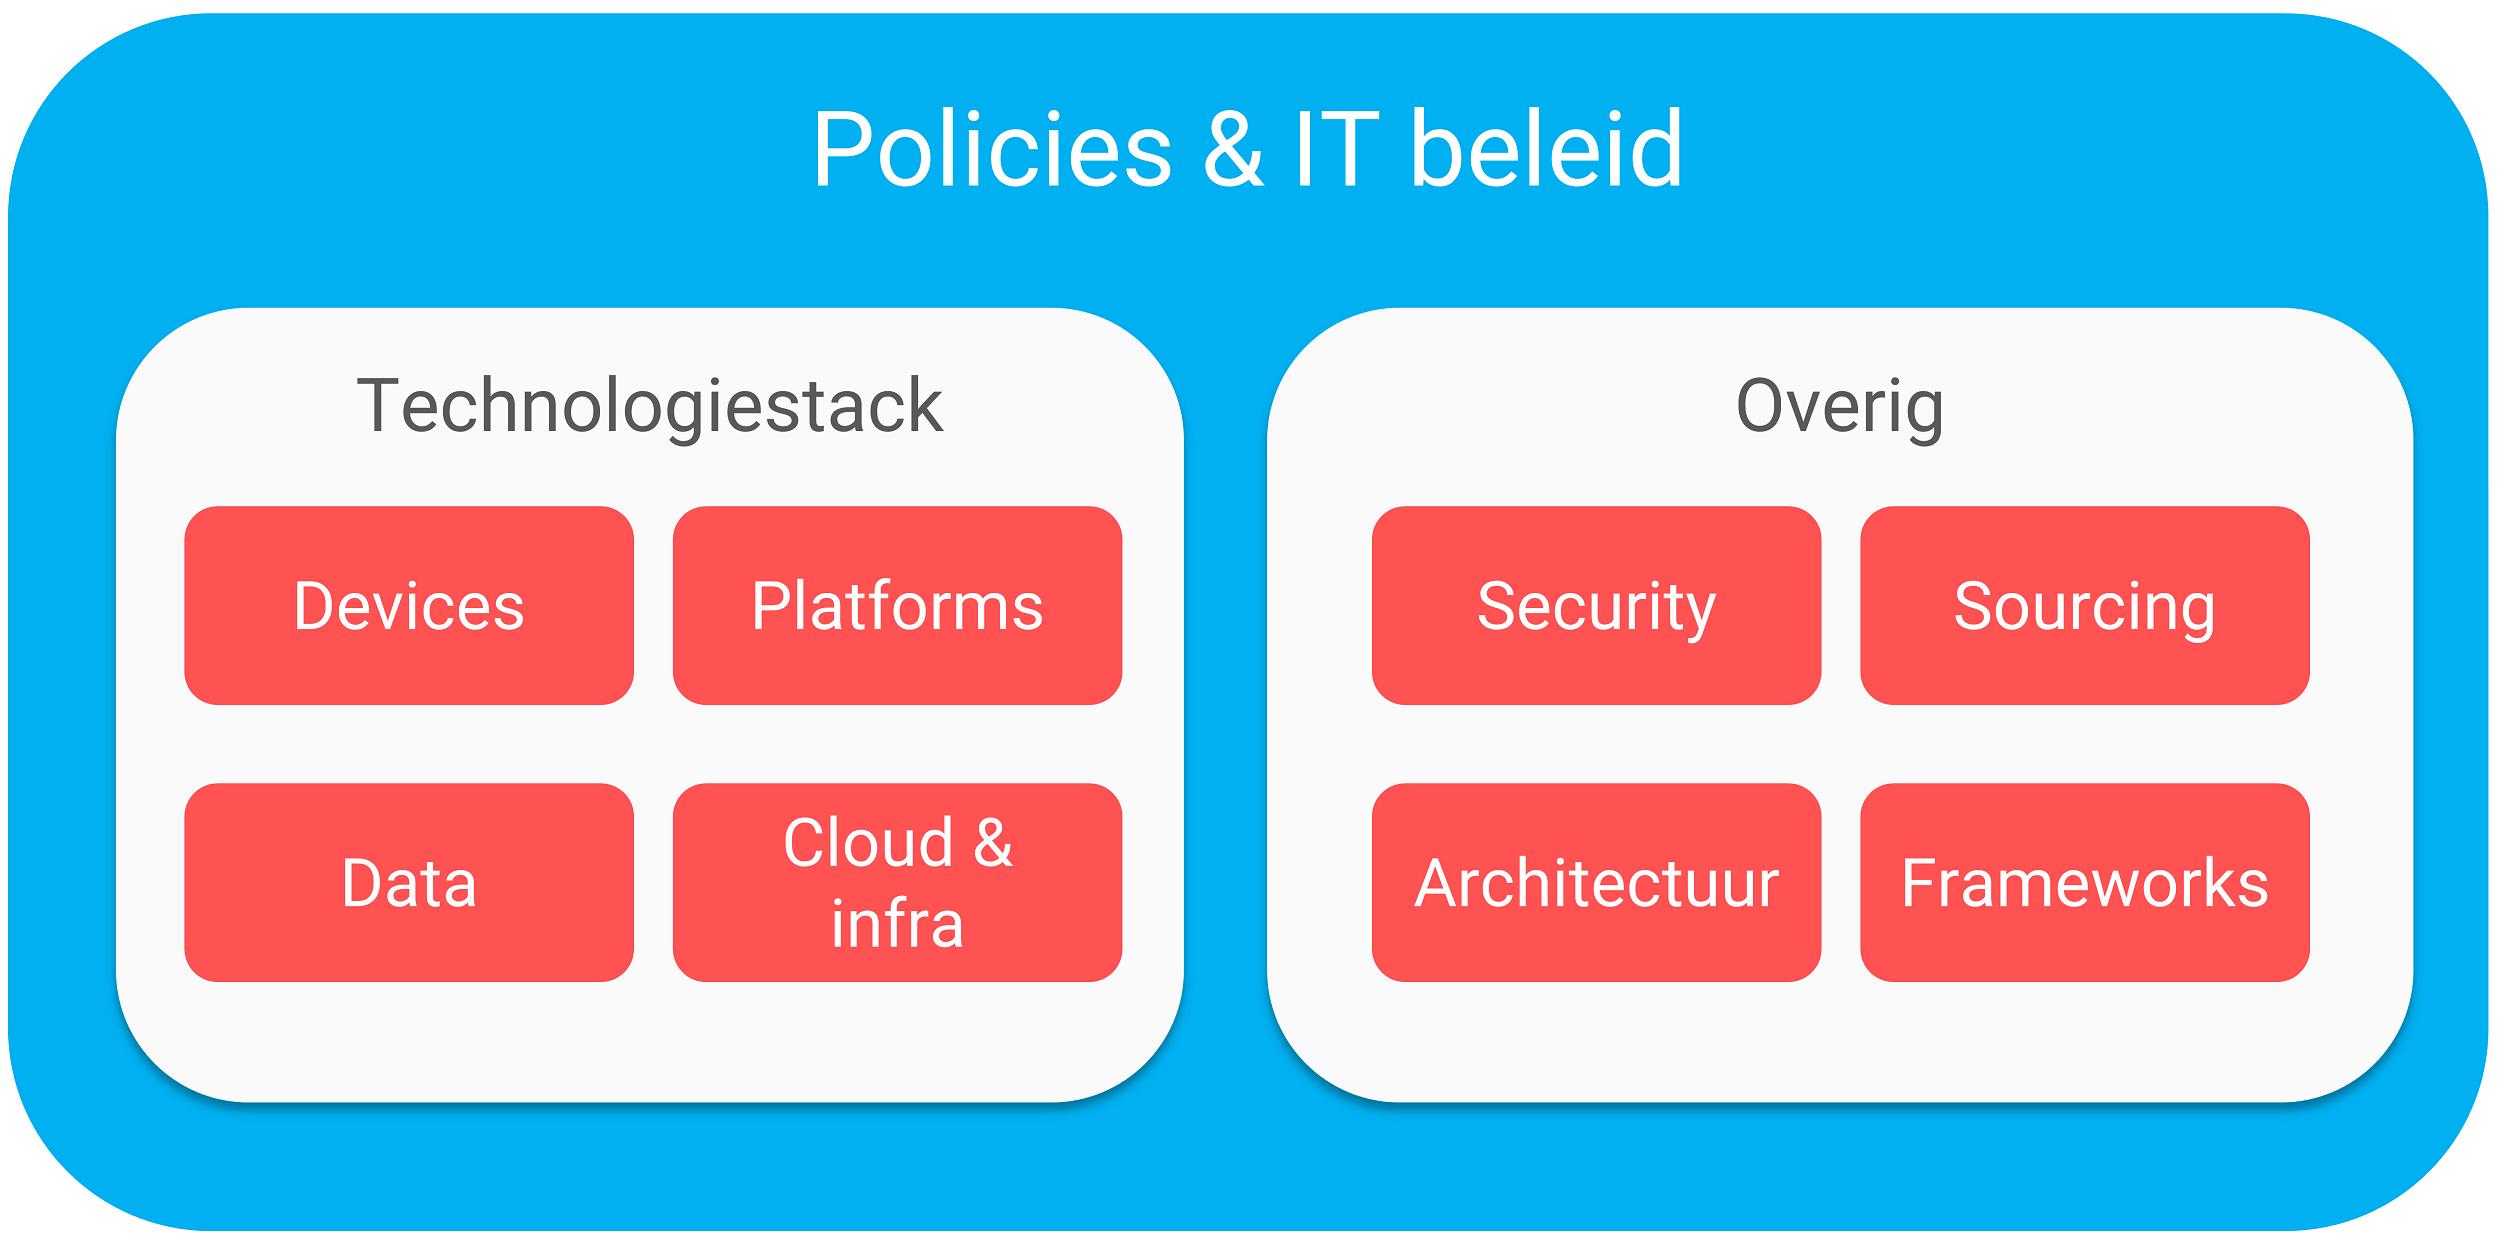 IT beleid & IT policies